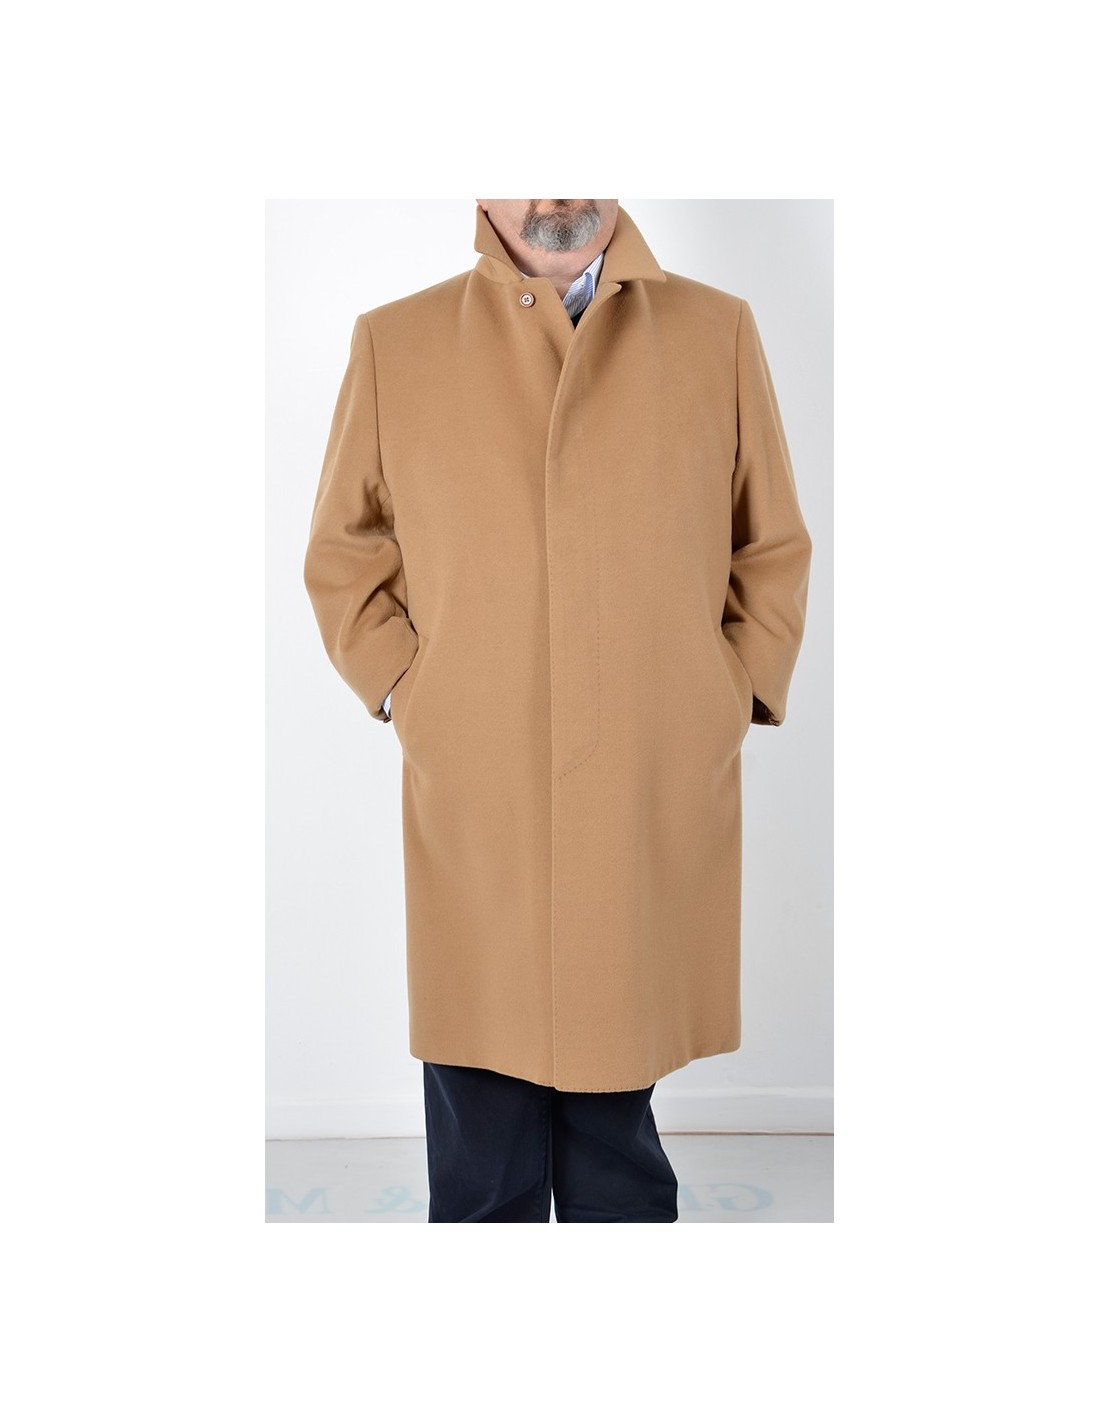 Negozio Cappotto Uomo Classico cammello beige  c9114890273